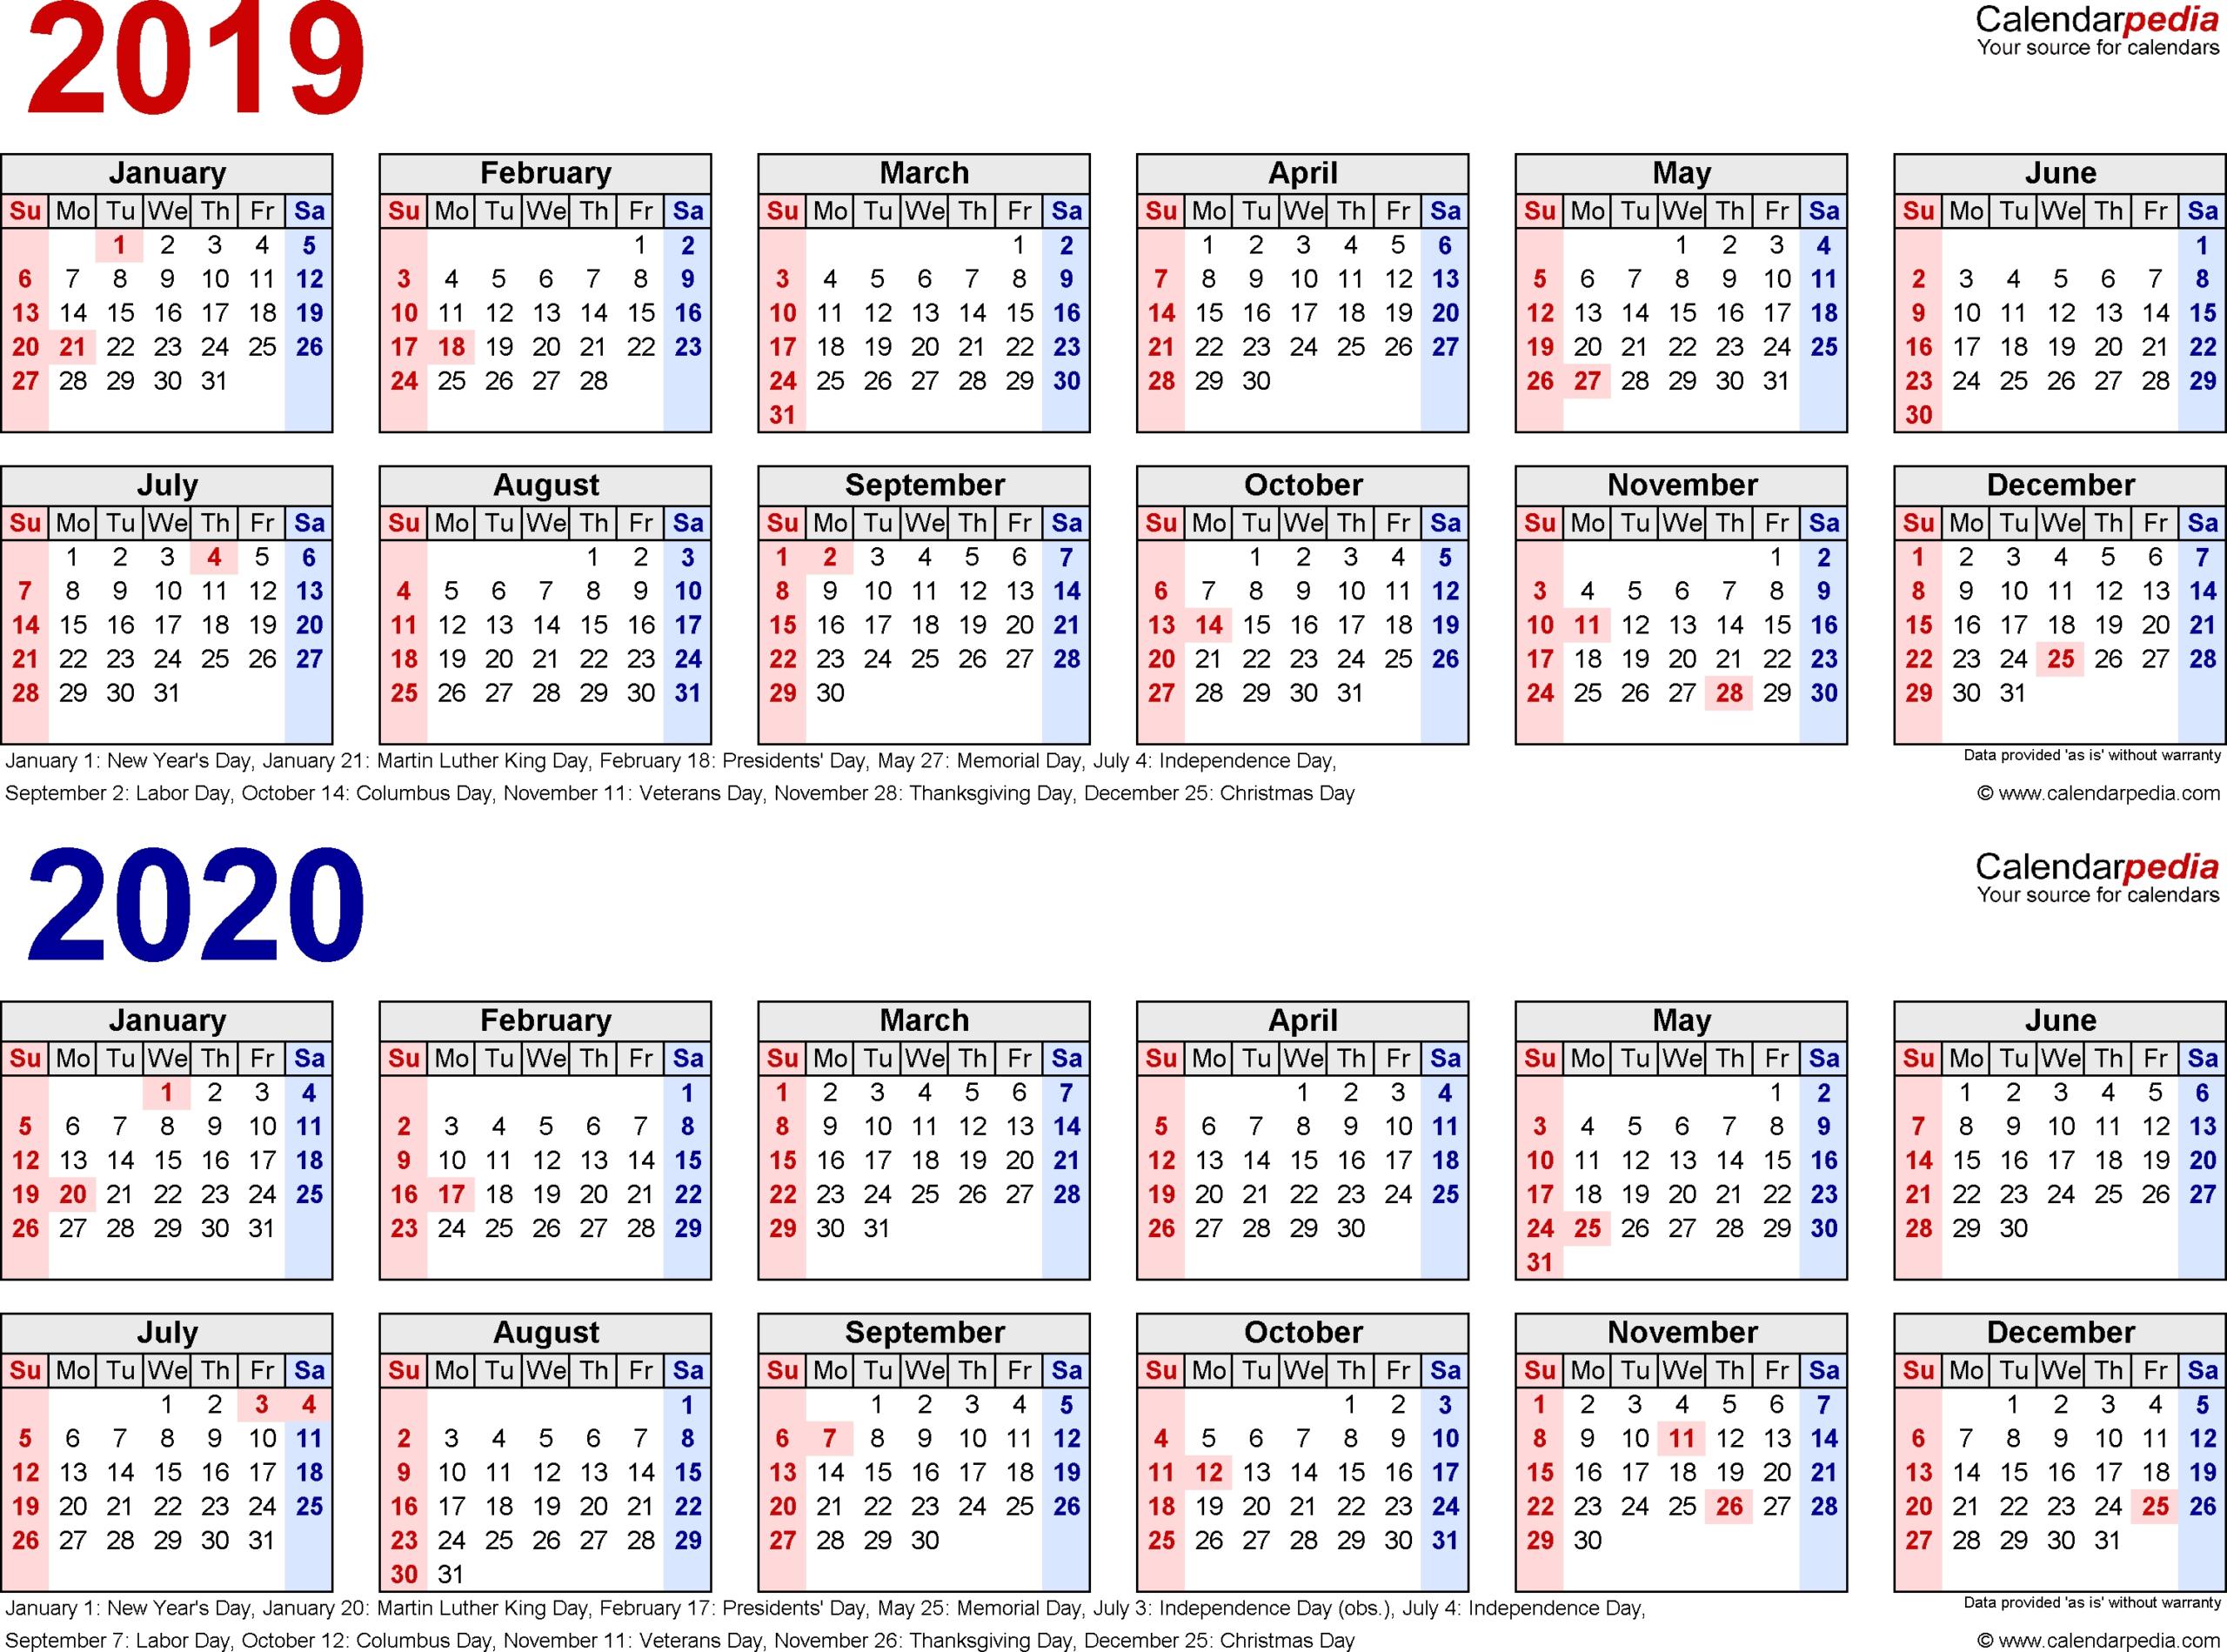 2020 Calendar With Week Numbers In Excel - Calendar